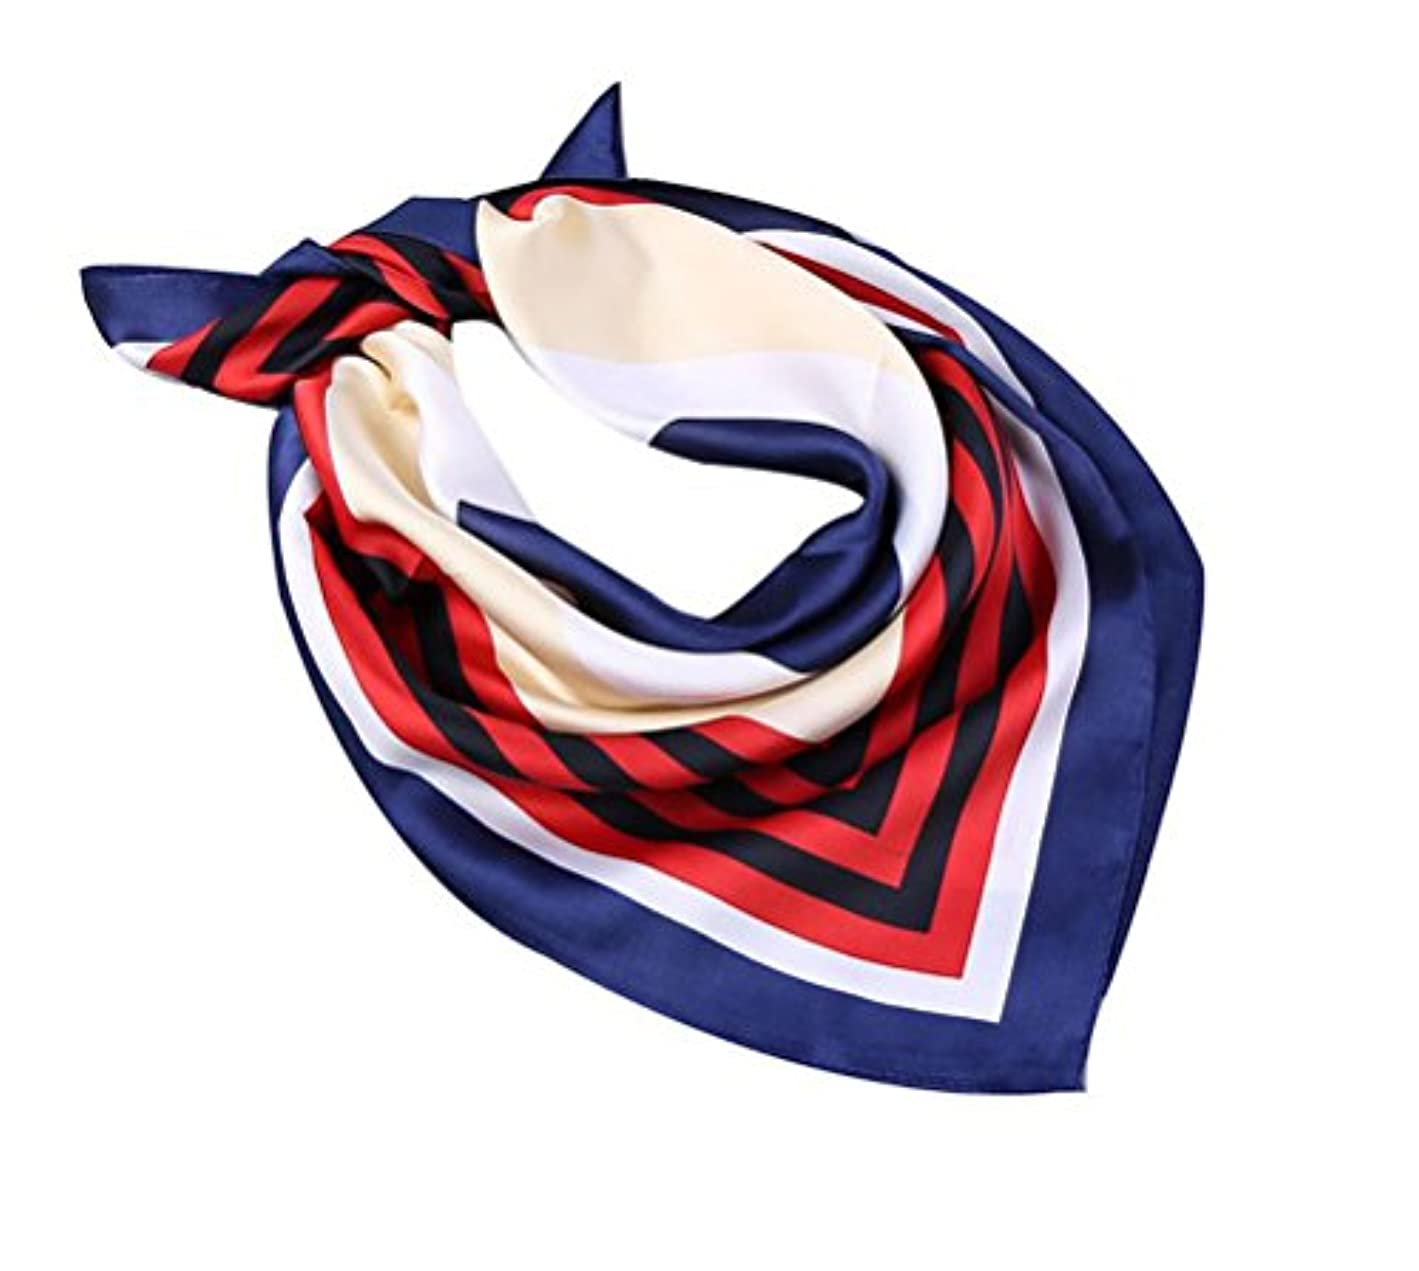 アボートモーテル製造業J-LAVIE レディース スカーフ シルク調 お洒落 正方形 60cm オフィス 制服用 贈り物 ギフト プレゼント